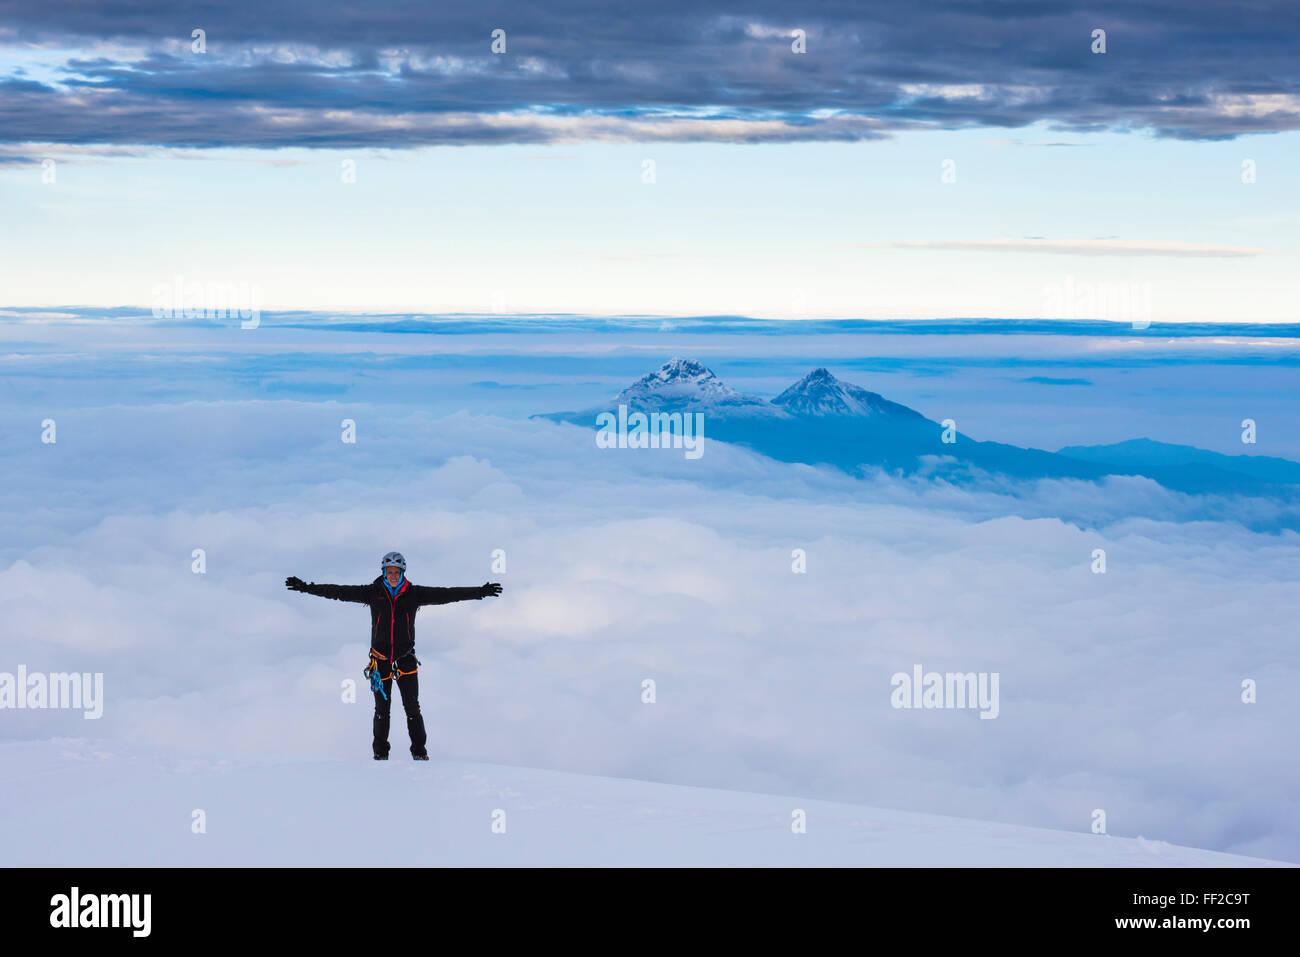 CRMimber sur le sommet du Cotopaxi 5897m, VoRMcano Province de Cotopaxi, Equateur, Amérique du Sud Photo Stock